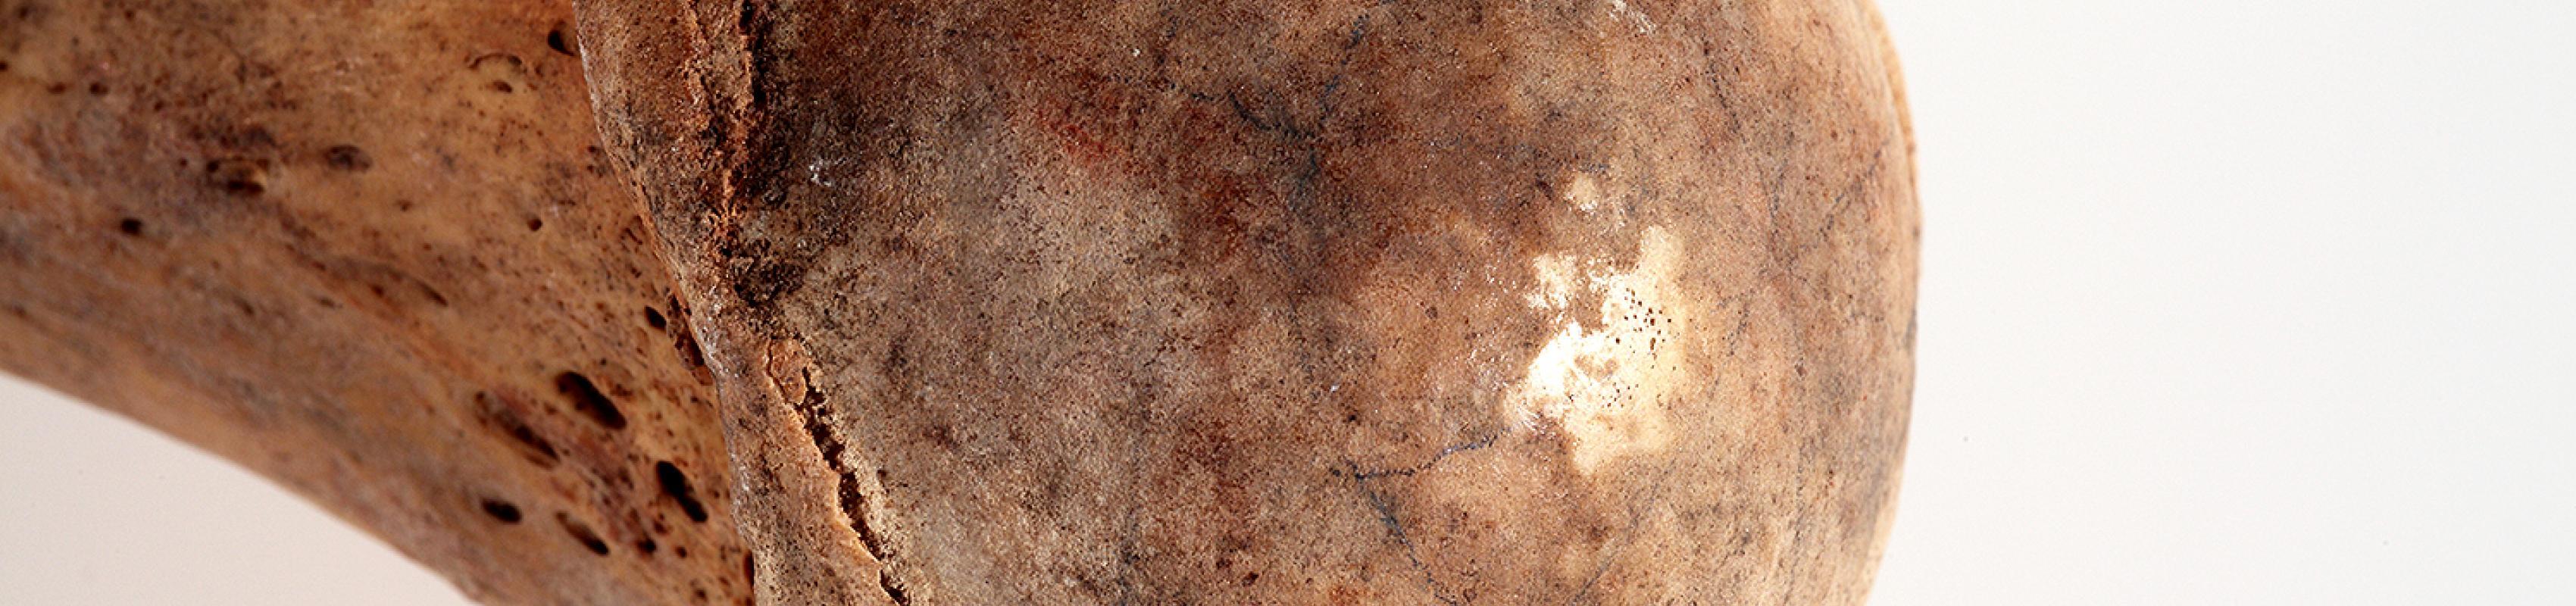 Cap de l'húmer dret de l'Individu 2. Al centre de l'epífisi s'observa una zona brillant, ebúmia, és a dir un augment patològic de la densitat de l'os que el converteix en una massa dura semblant a l'ivori (Autor: Carles Aymerich i Ramon Maroto. Centre de Restauració de Béns Mobles de Catalunya)